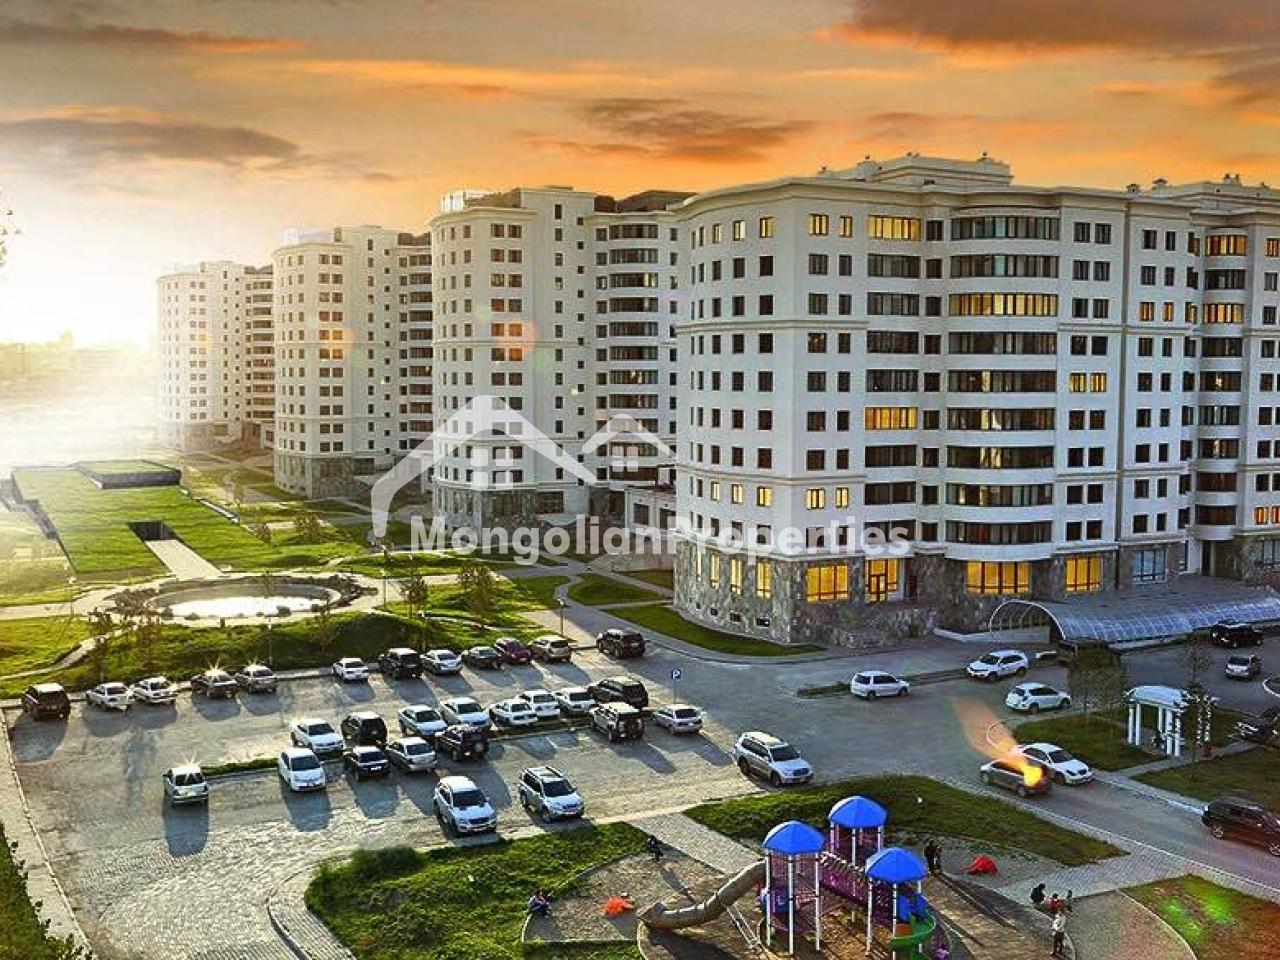 King Tower-т маш гоё зохион байгуулалттай 330 м2 бүхий 8 өрөө байр зарна